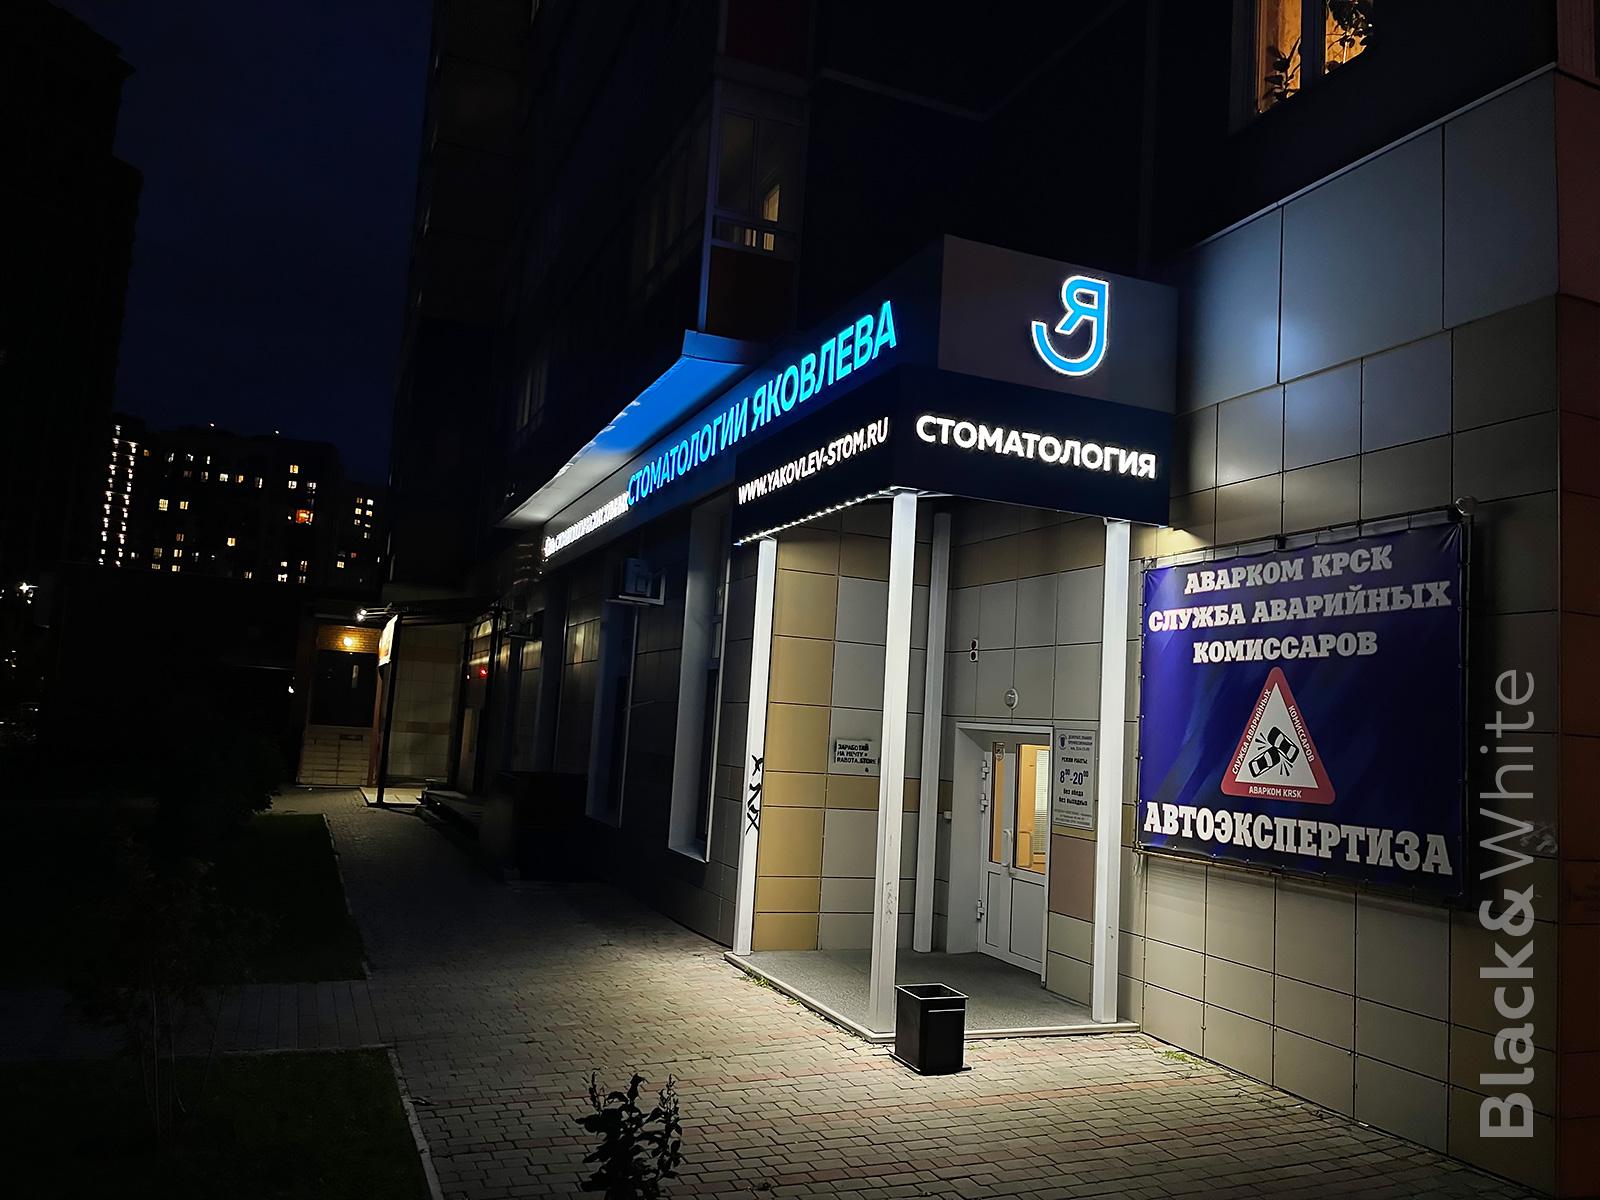 Вывеска-для-стоматологической-клиники-в-Красноярске.jpg